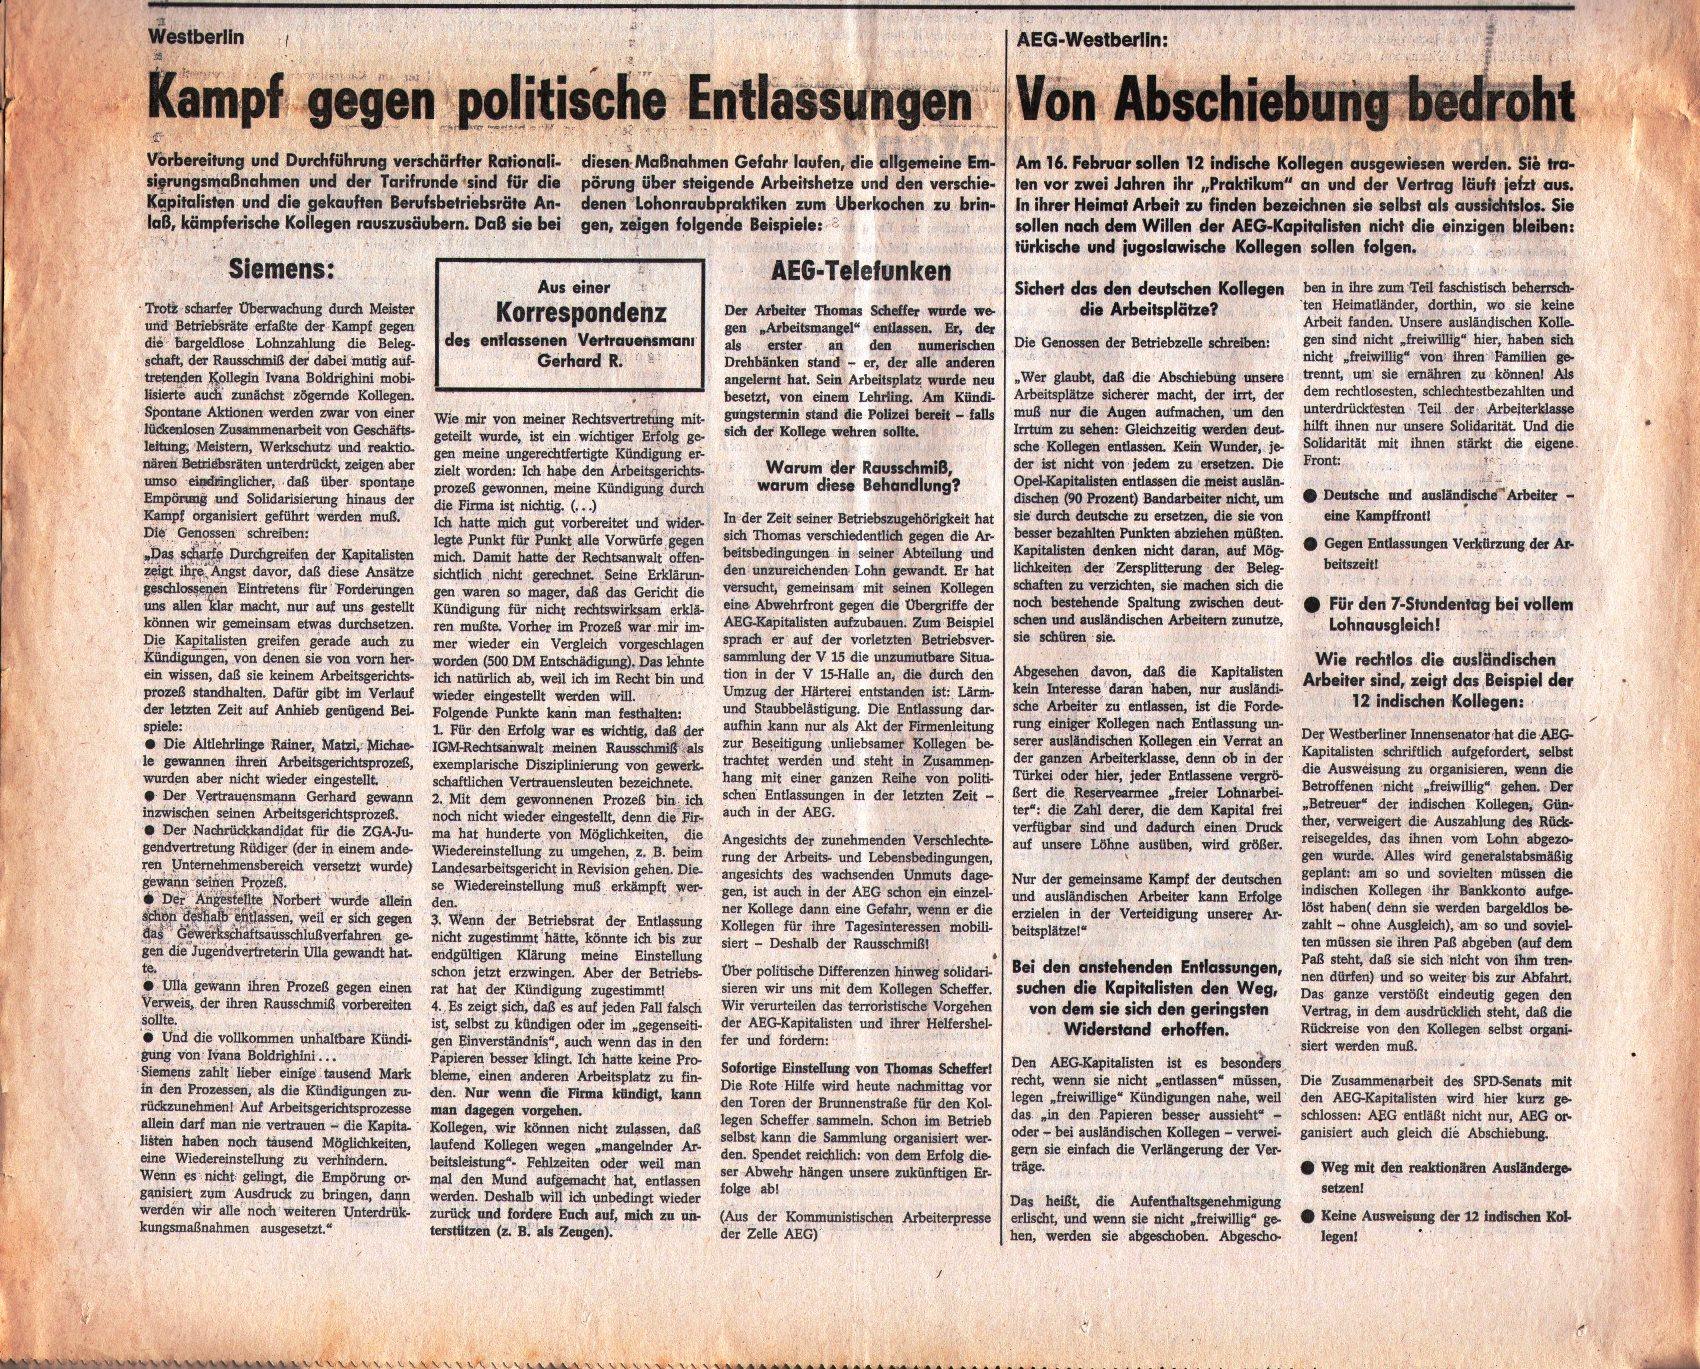 KPD_Rote_Fahne_1974_04_08